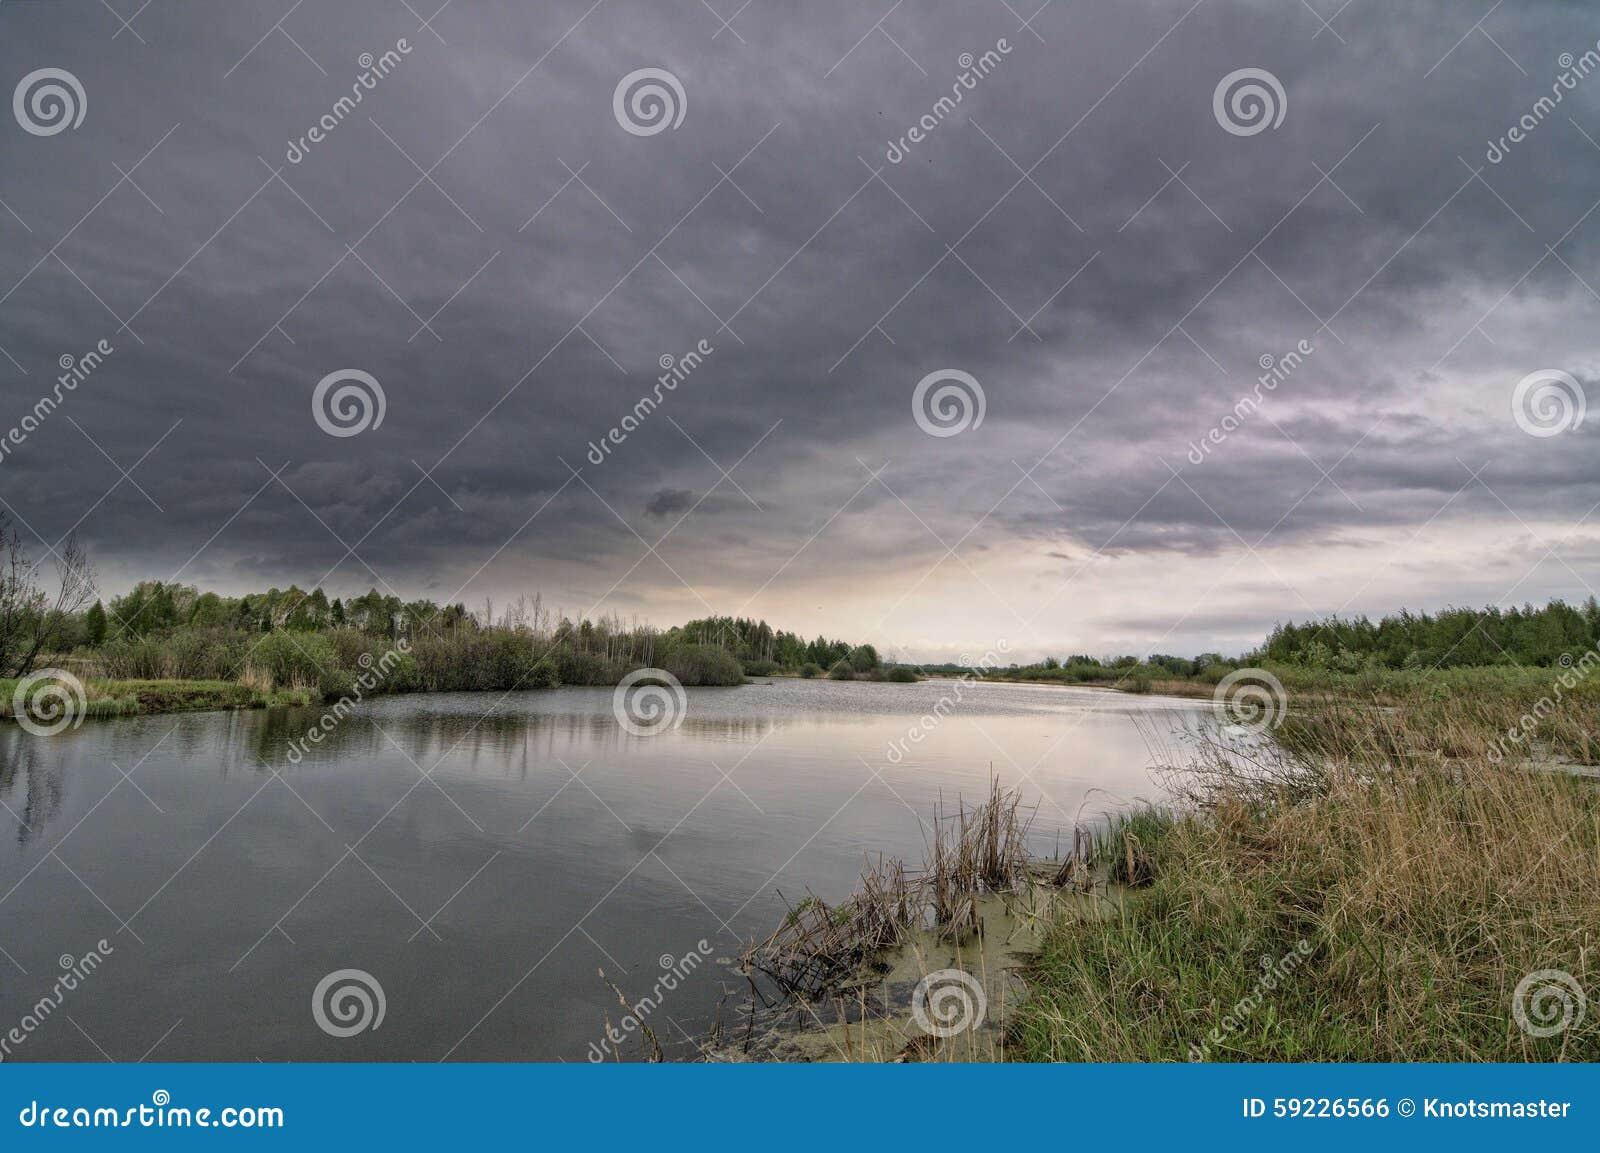 Download Paisaje del río foto de archivo. Imagen de río, cielo - 59226566